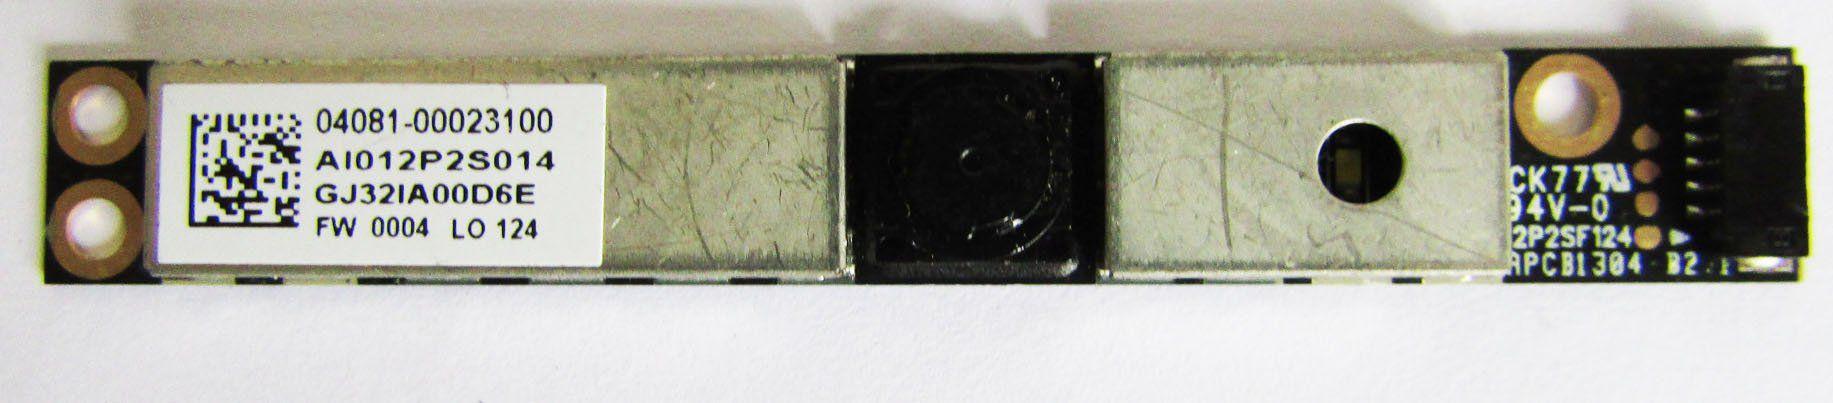 Placa Webcam Ultrabook Asus 04081-00023100 (semi novo)